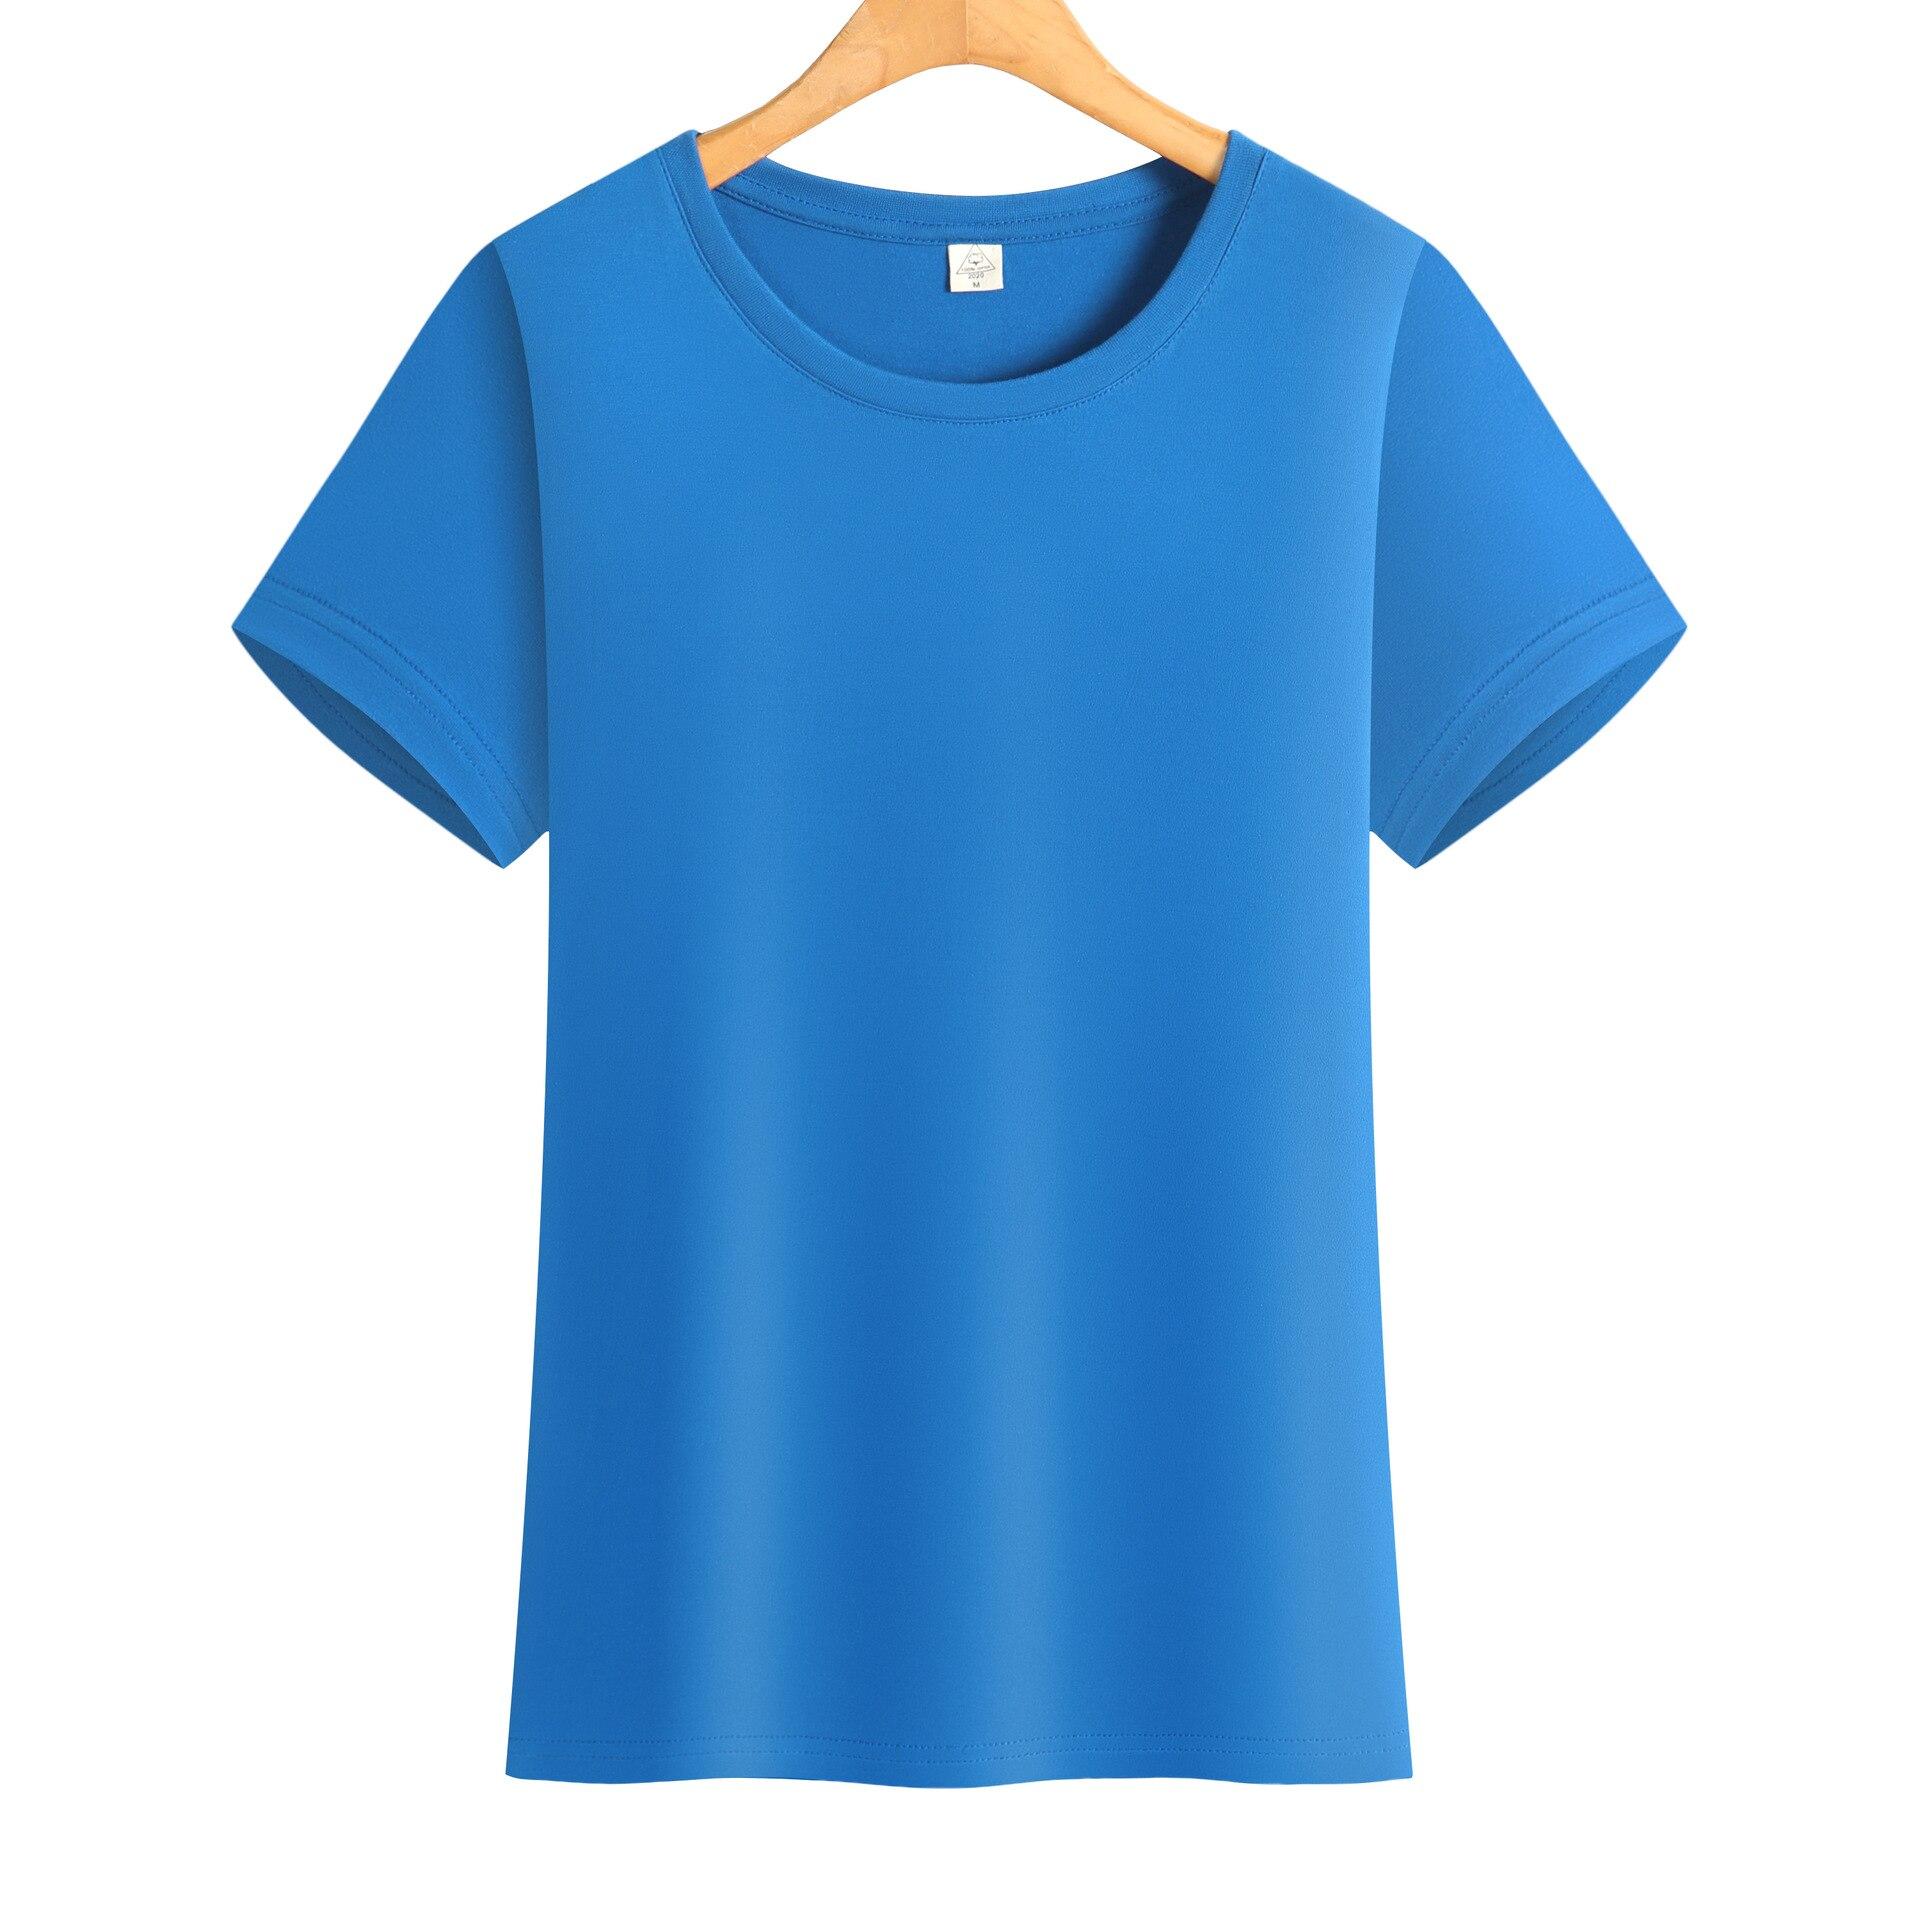 تي شيرت رجالي صيف 2021 جديد العصرية العلامة التجارية الاتجاه القطن ملابس غير رسمية نصف كم فضفاض الكورية الرأفة